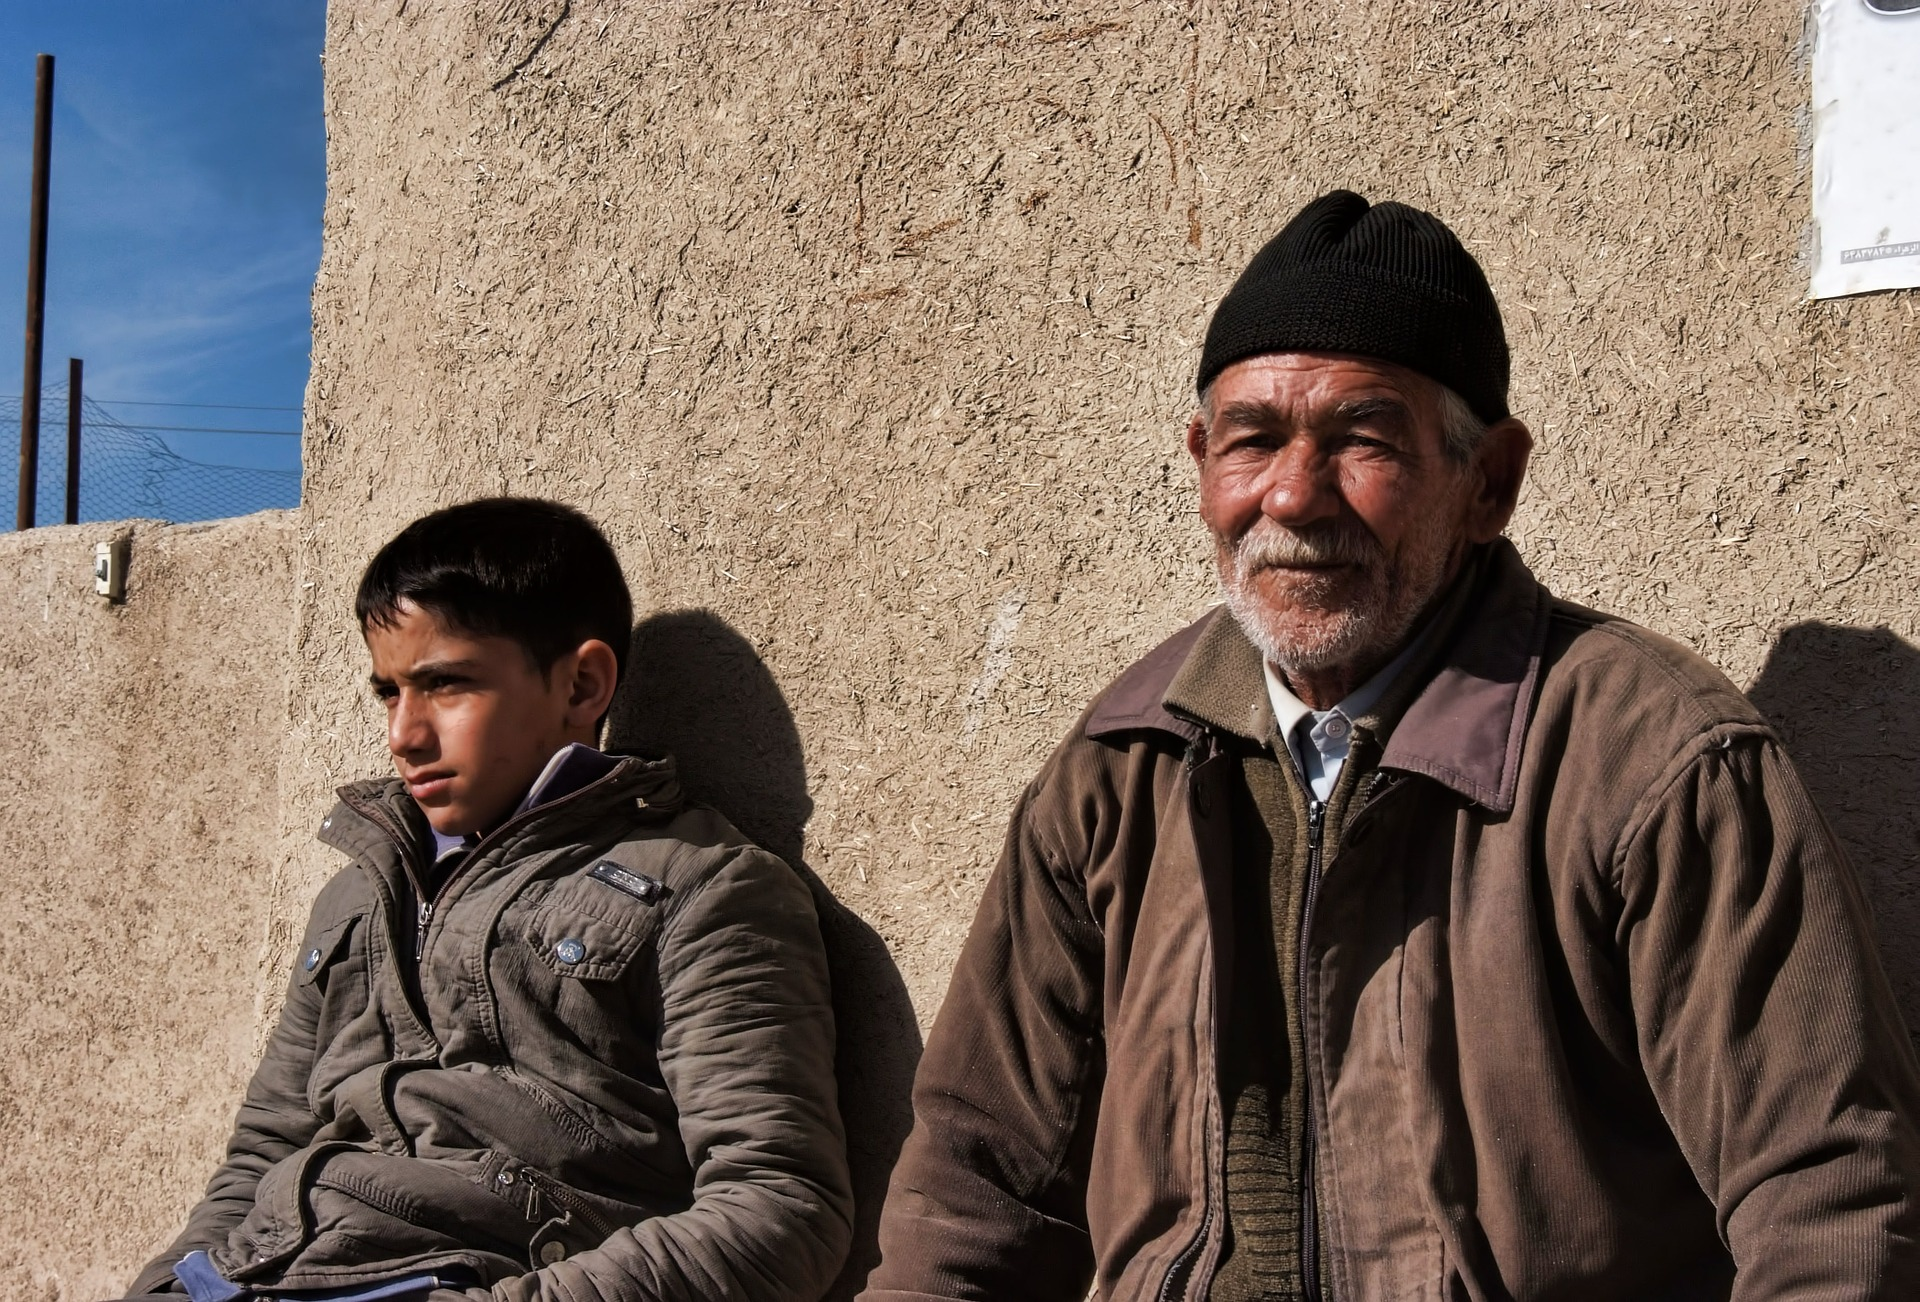 Iran, la Chiesa cresce e aiuta i bisognosi nonostante la persecuzione